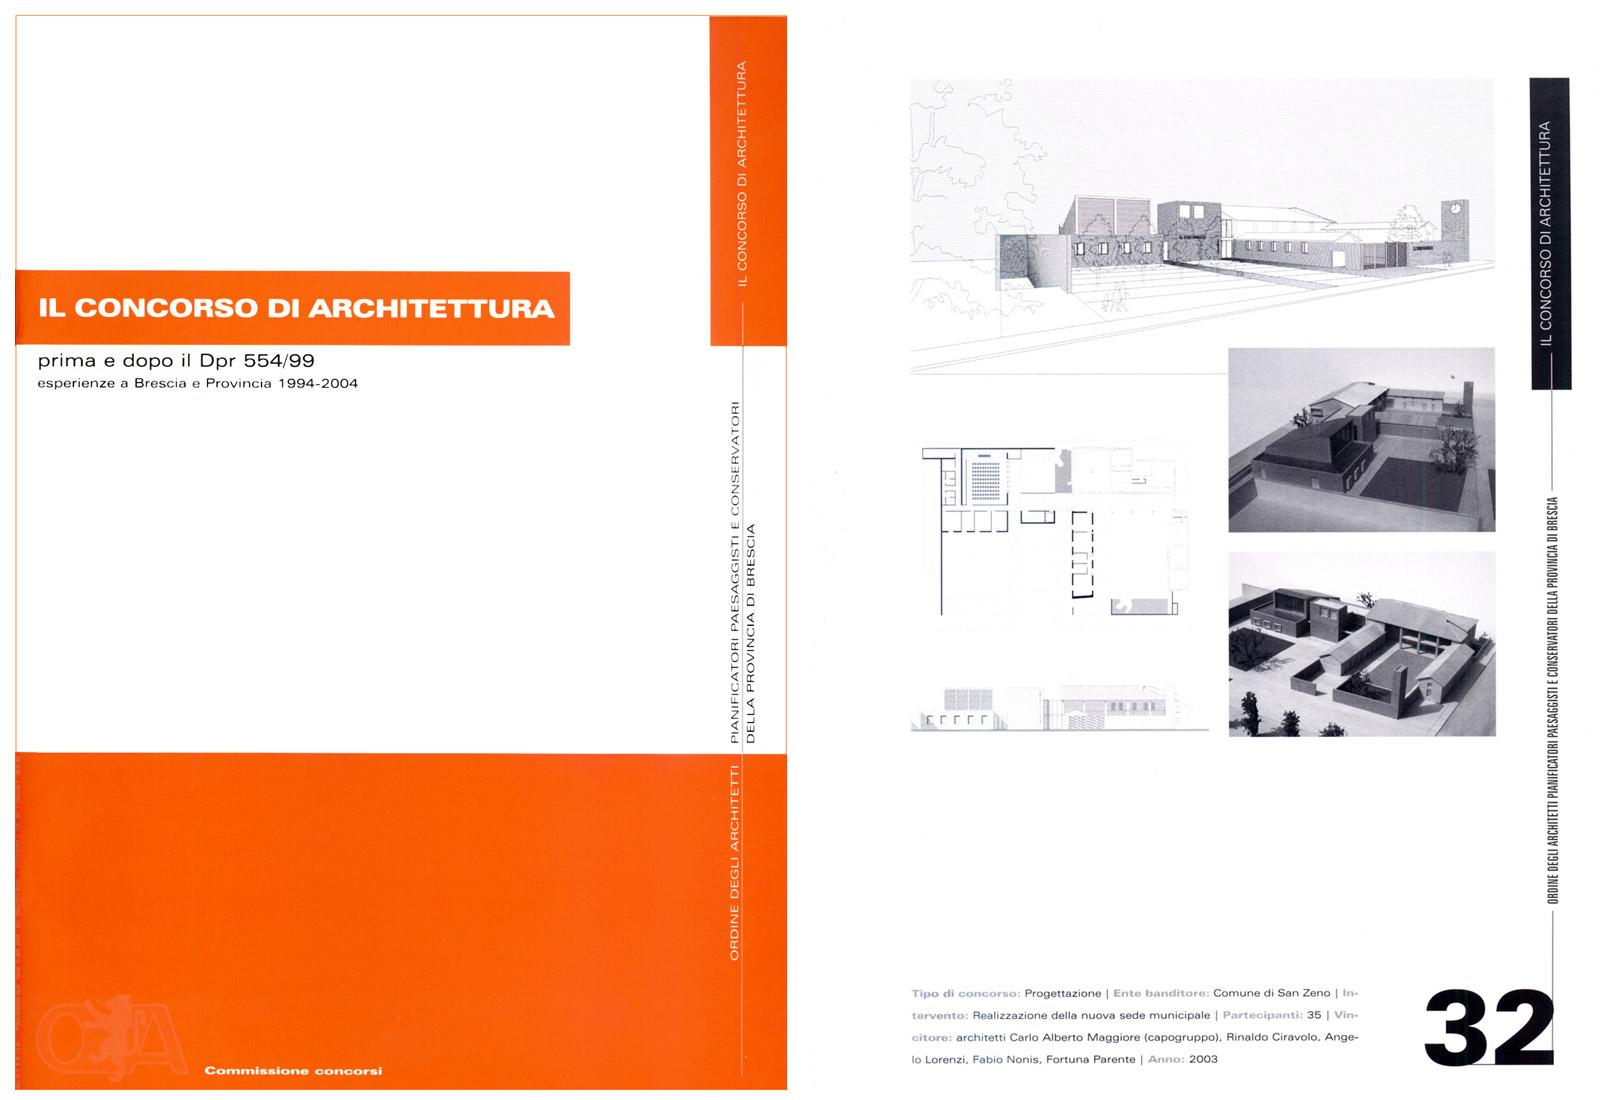 Il concorso di architettura, a cura di O.A. Brescia, Grafo, 2004